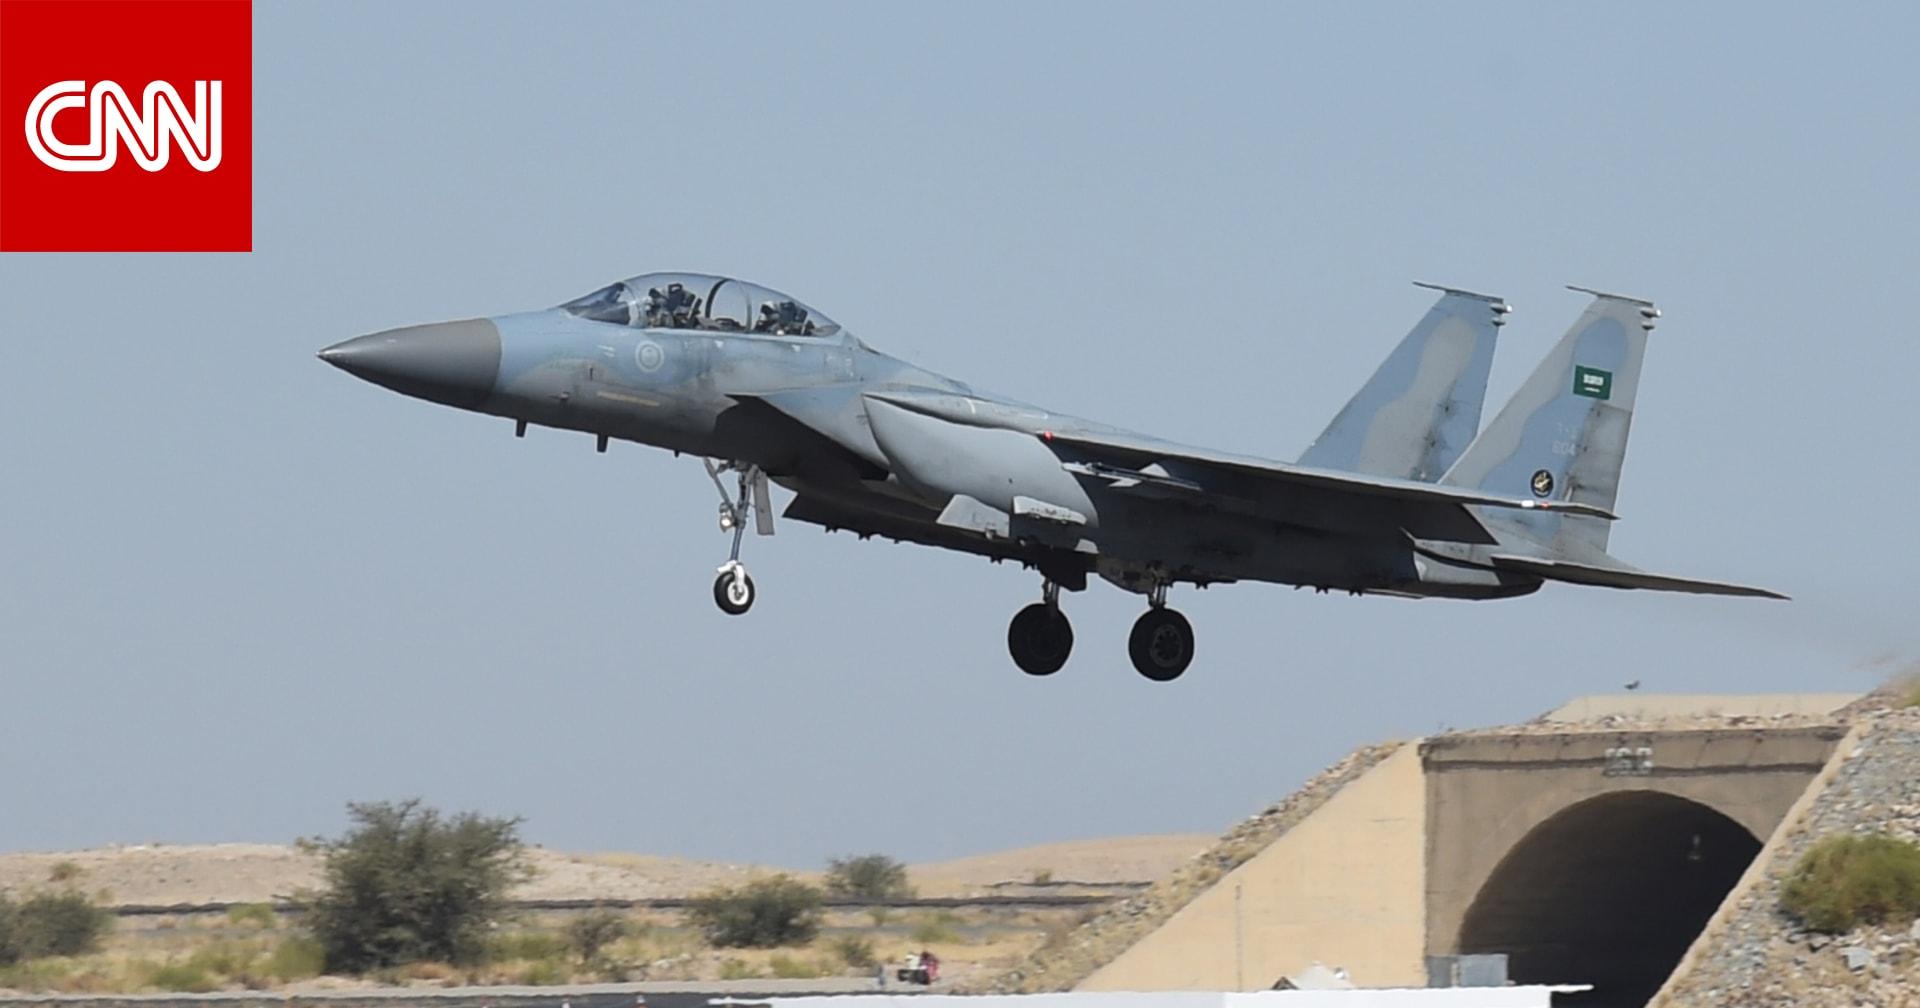 التحالف باليمن: مقتل 160 حوثيًا في 32 غارة جوية خلال 24 ساعة